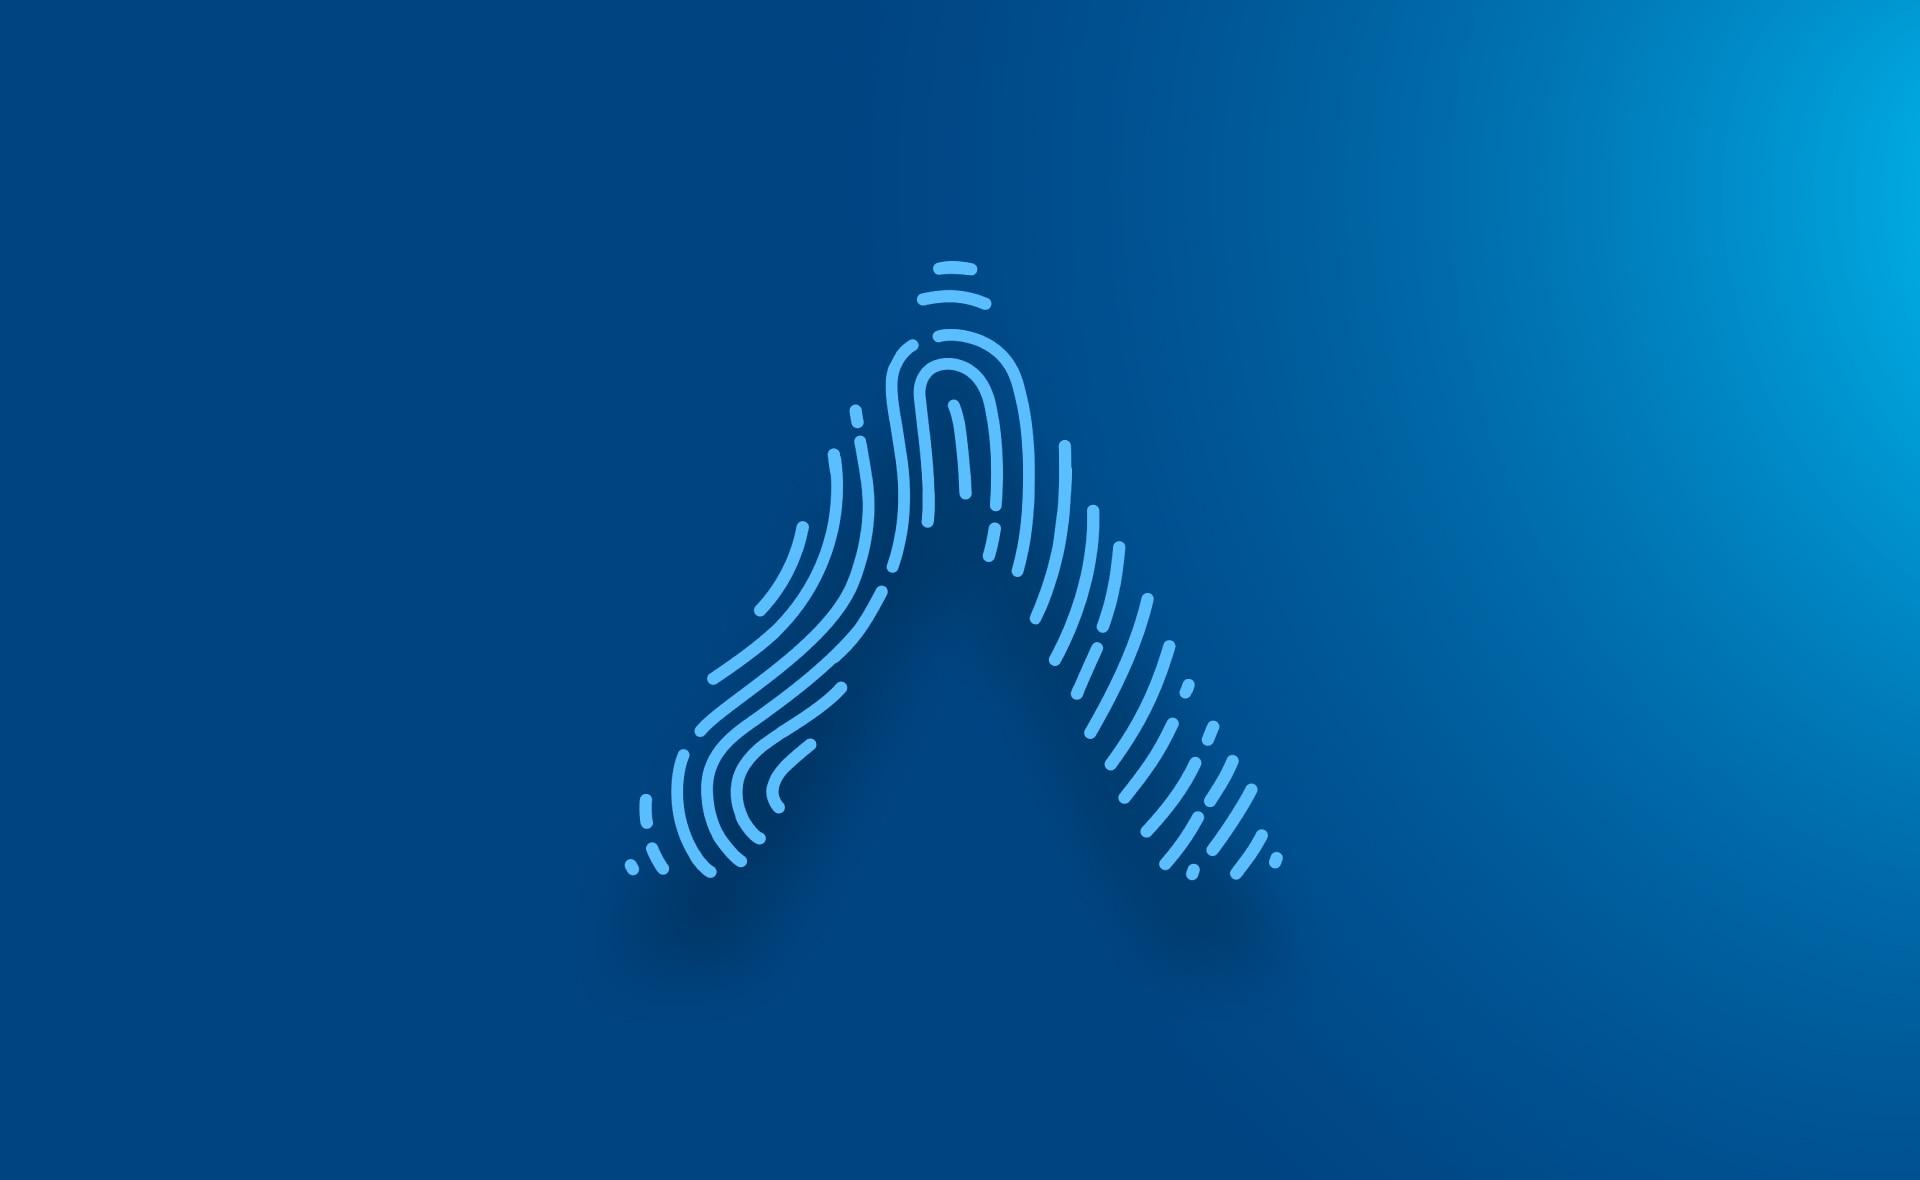 bbva_ciberseguridad-mes-octubre-bulos-amenazas-informaticas-timos-red-ciberdelincuencia-huella-banco-entidad